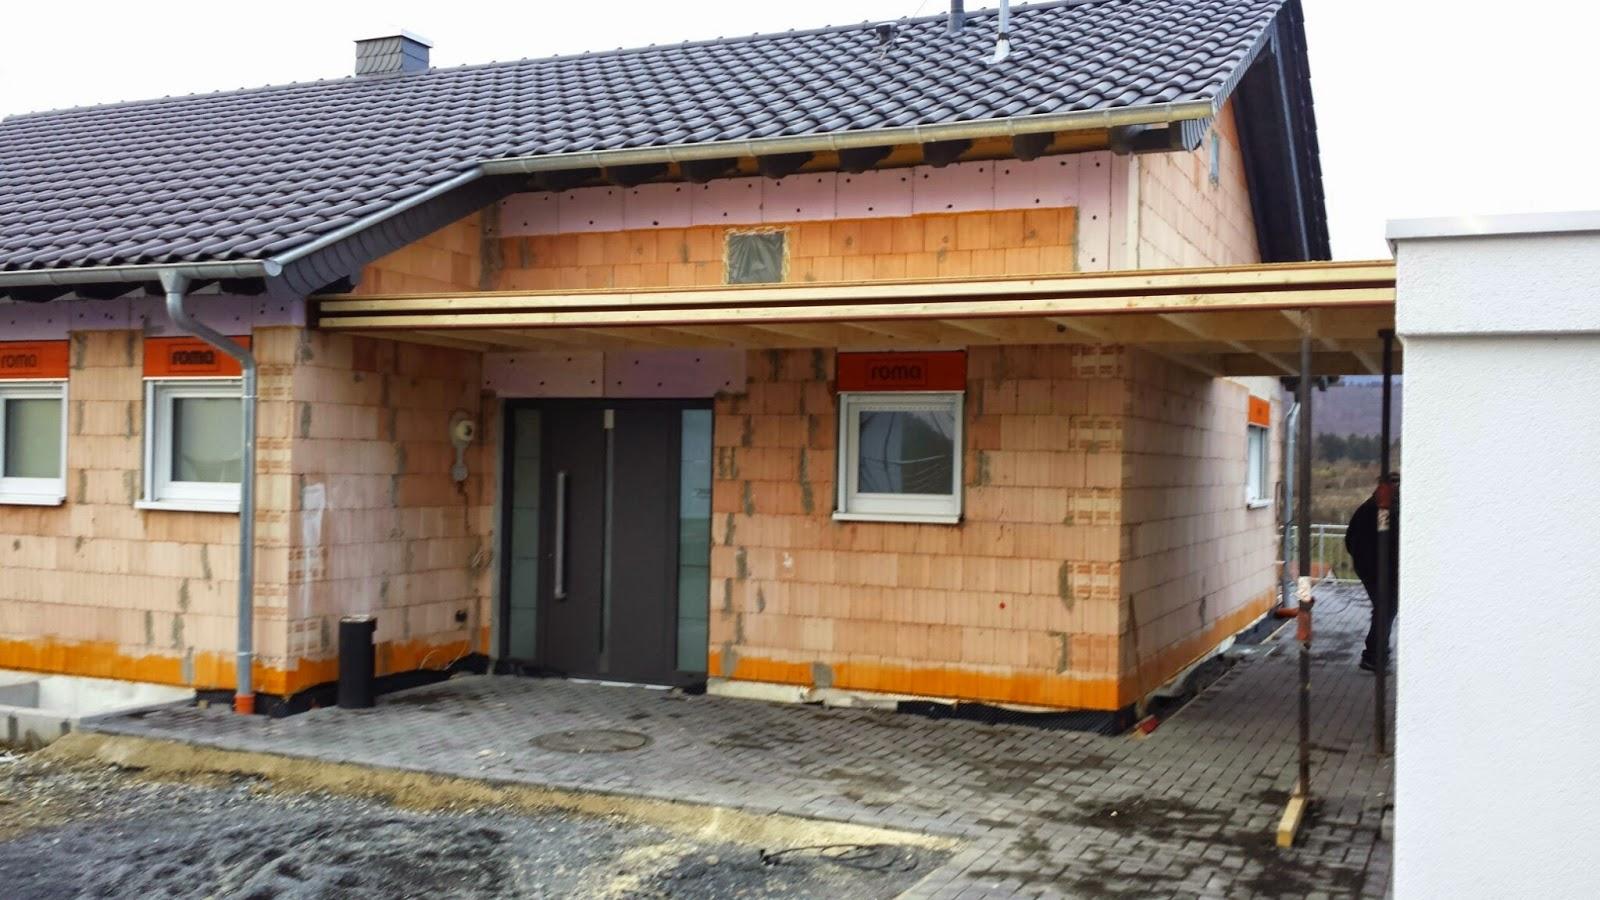 Vordach Beton unser architektenhaus in ak vordach 1 0